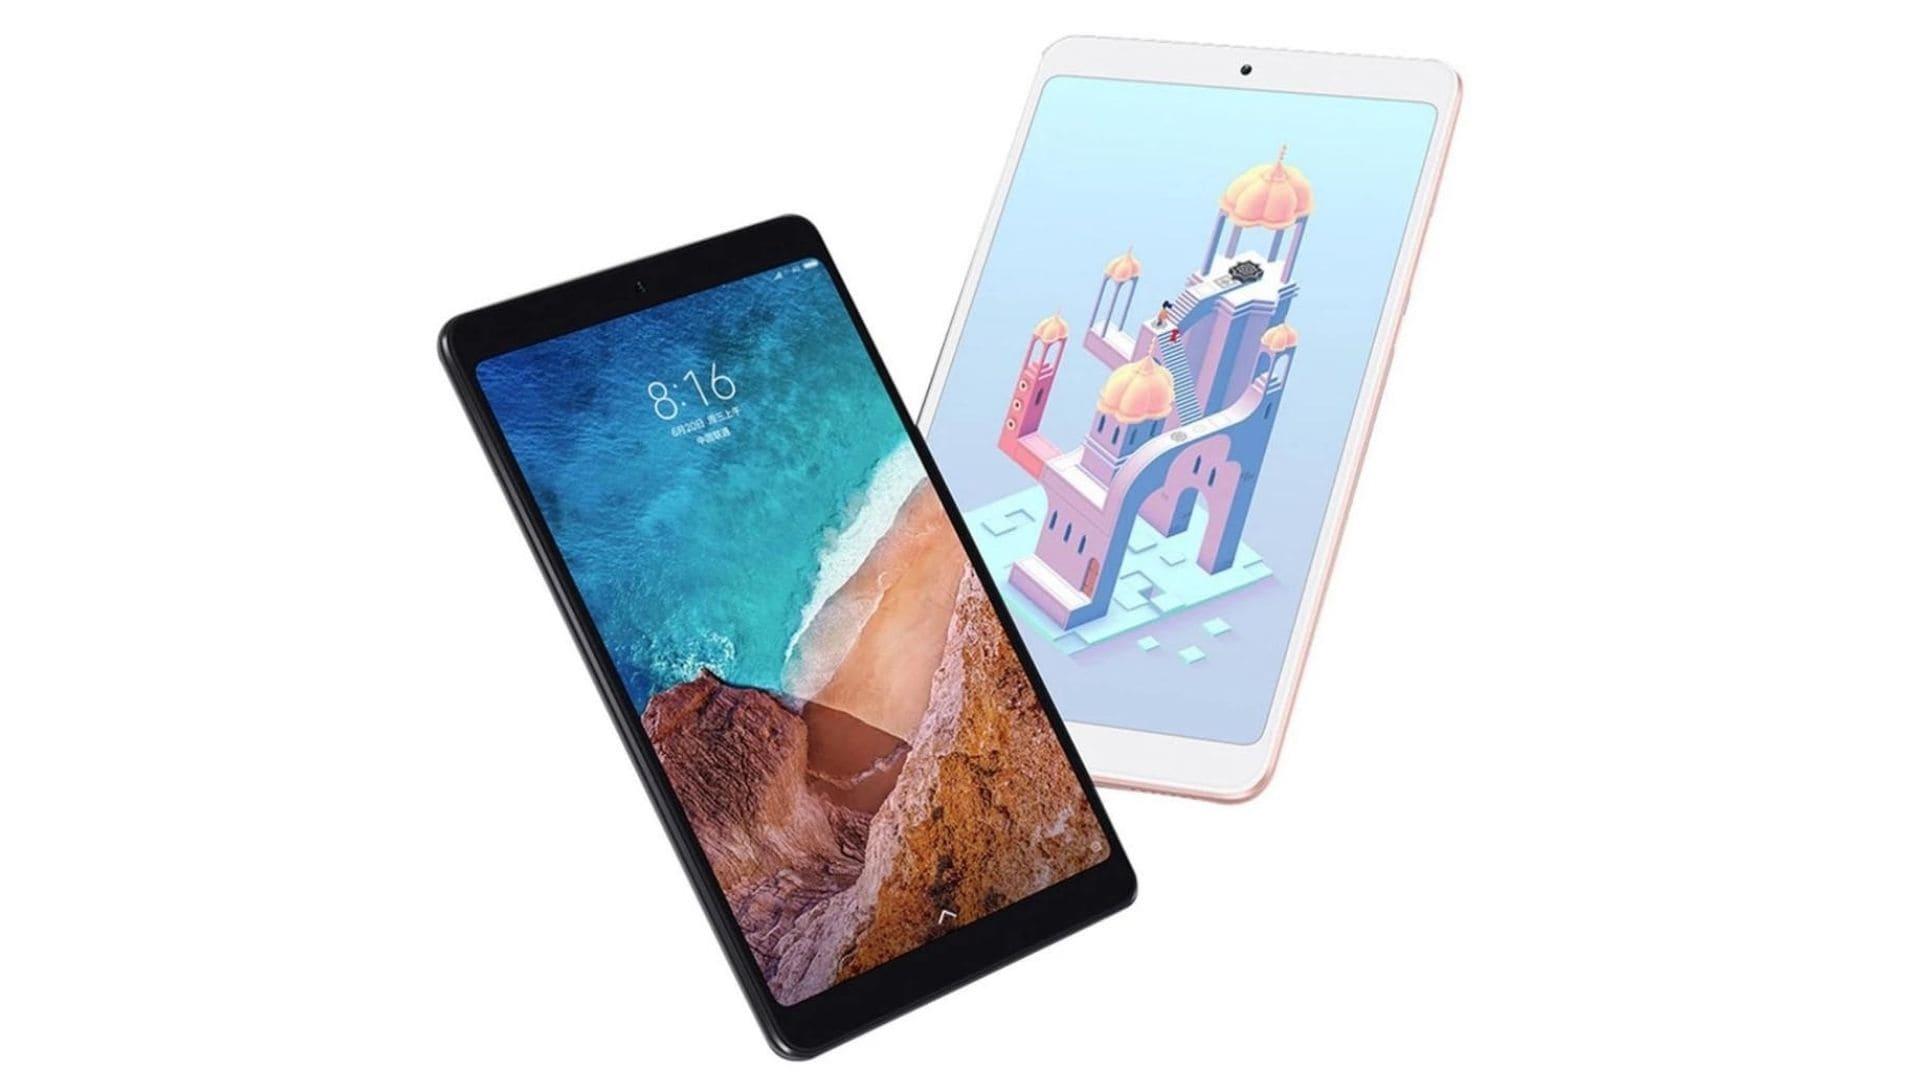 Tablet Xiaomi Mi Pad Plus 4 de frente e de traseira em fundo branco